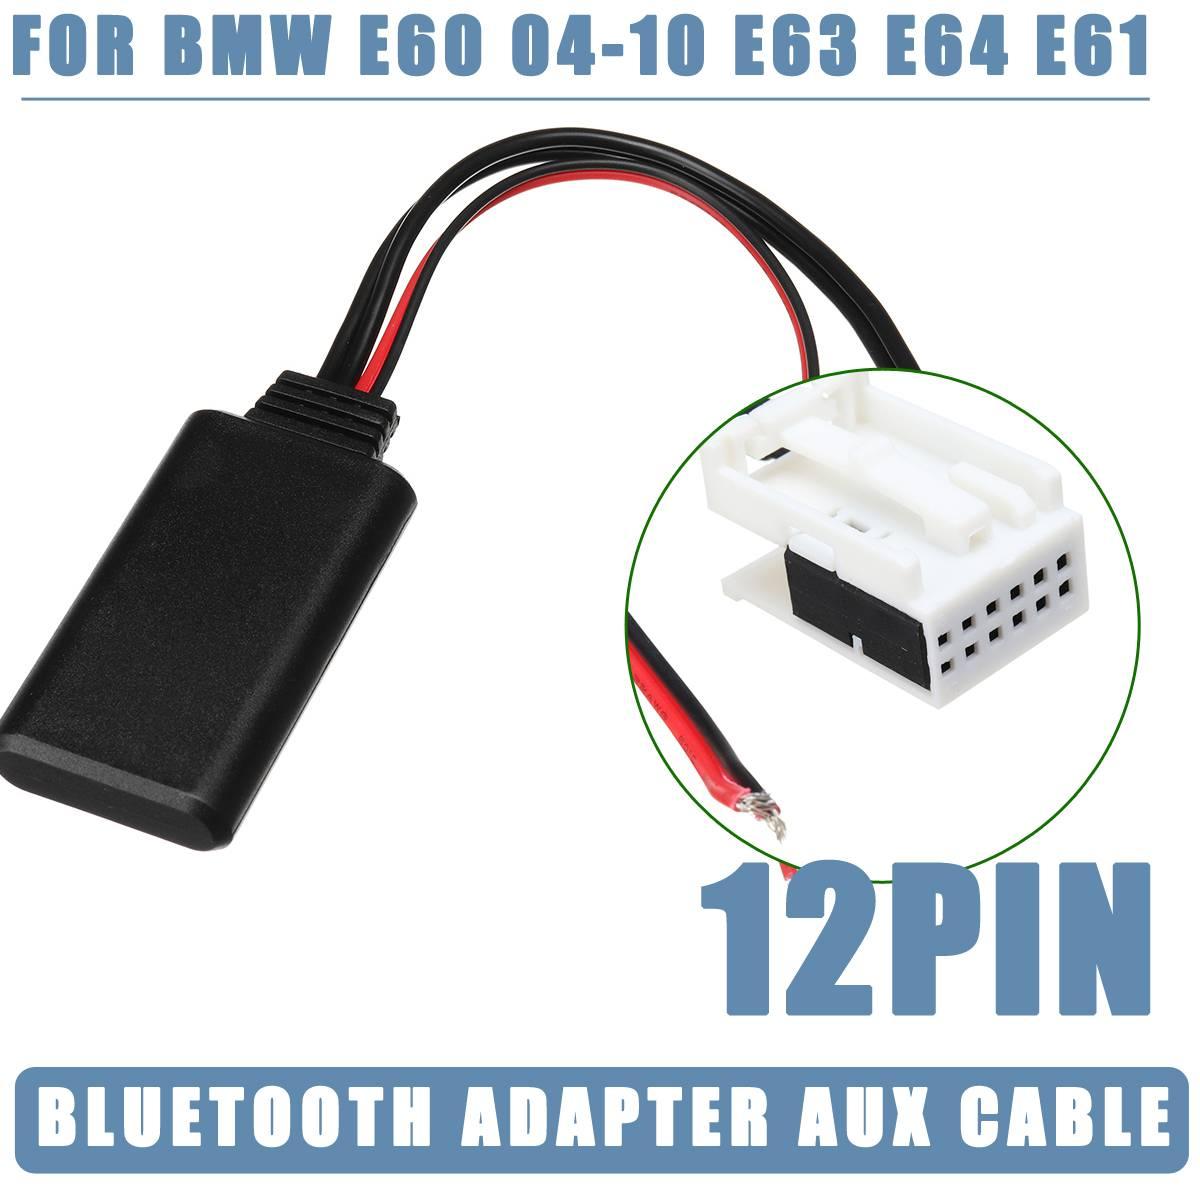 JENOR 12 Pin Bluetooth Wireless Radio Stereo AUX IN Kabel Adapter Kompatibel f/ür BMW E60 04-10 E63 E64 E61E70 E90//E91 E92